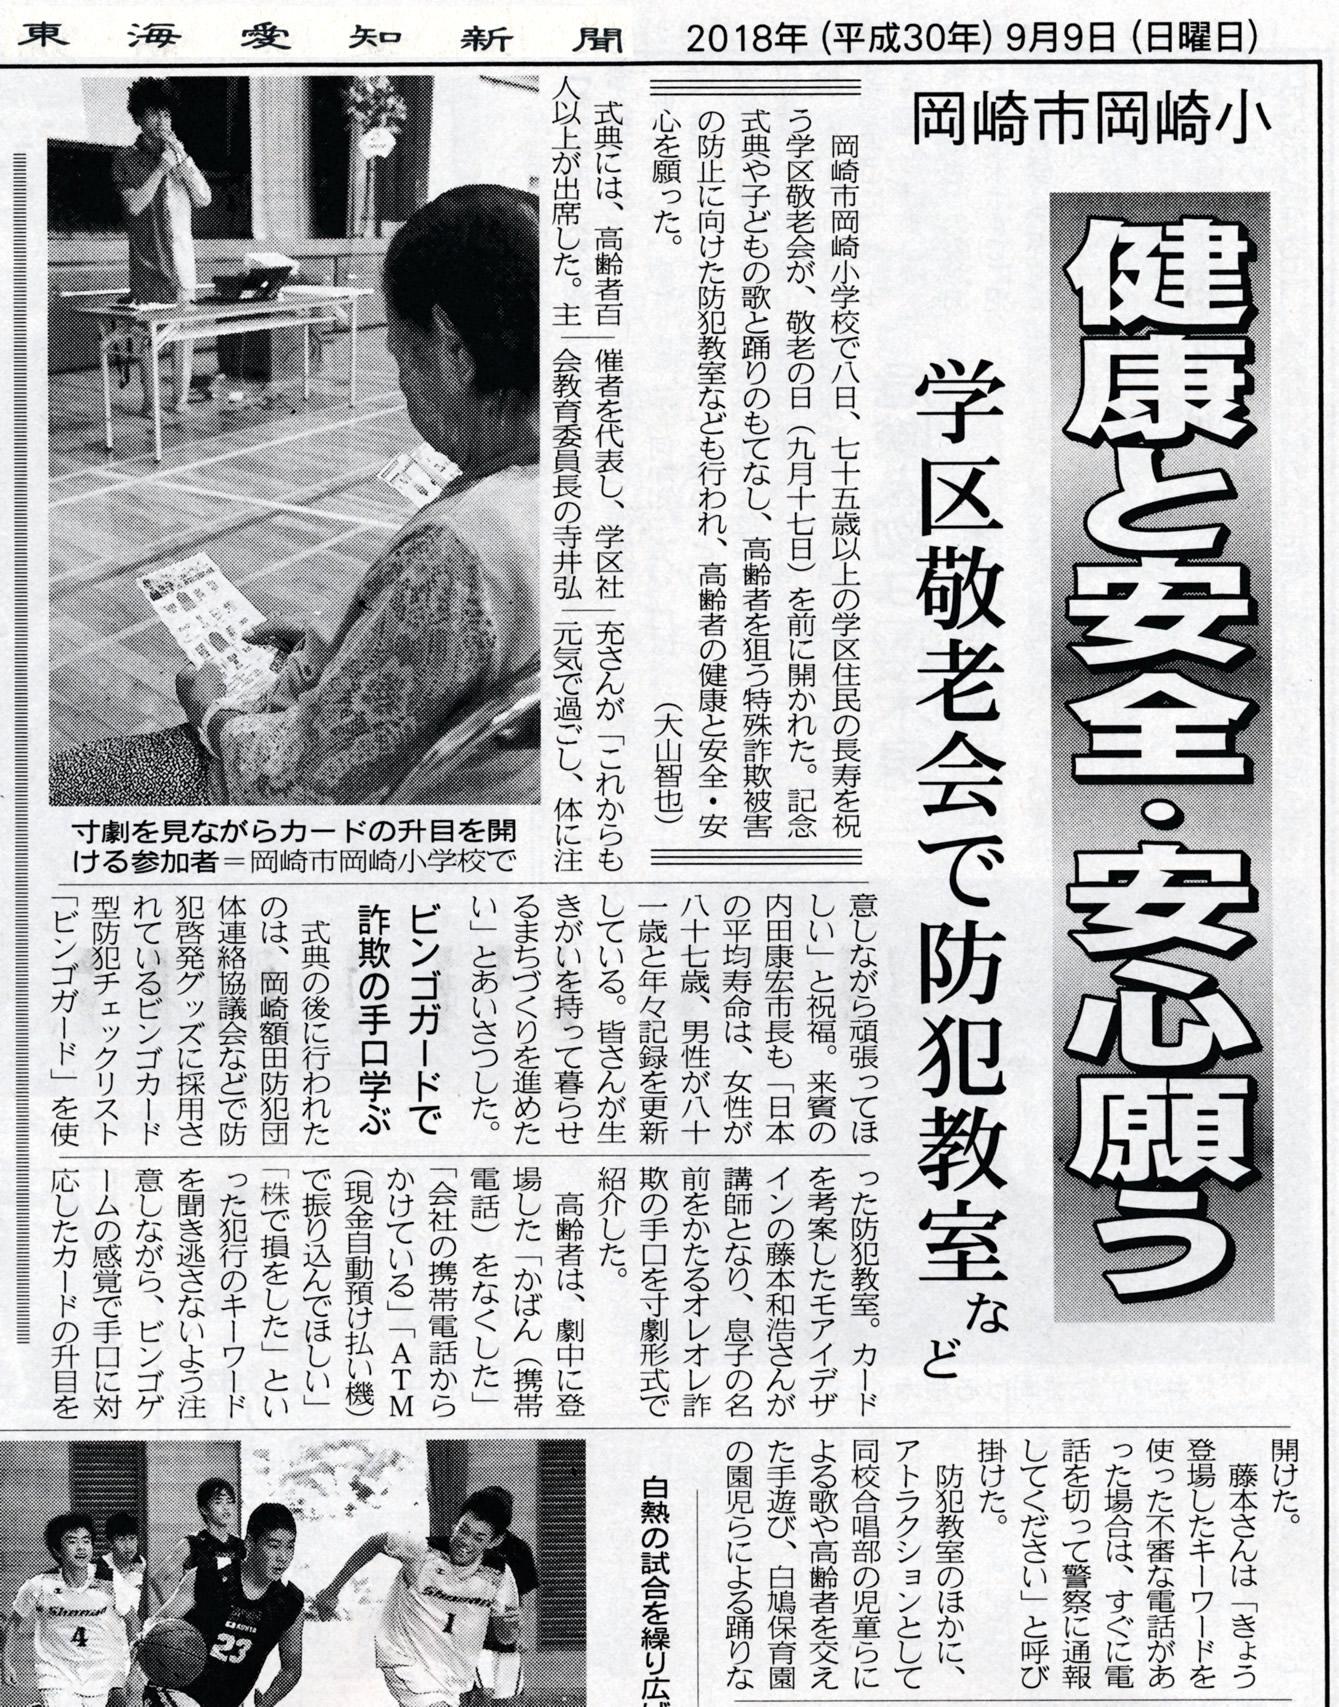 老会にお招きいただき開催したビンゴガード大会の様子が東海愛知新聞さんに掲載されました。 #防災防犯マップ #ビンゴガイド #BingoGuard #MoaiDesign #モアイデザイン